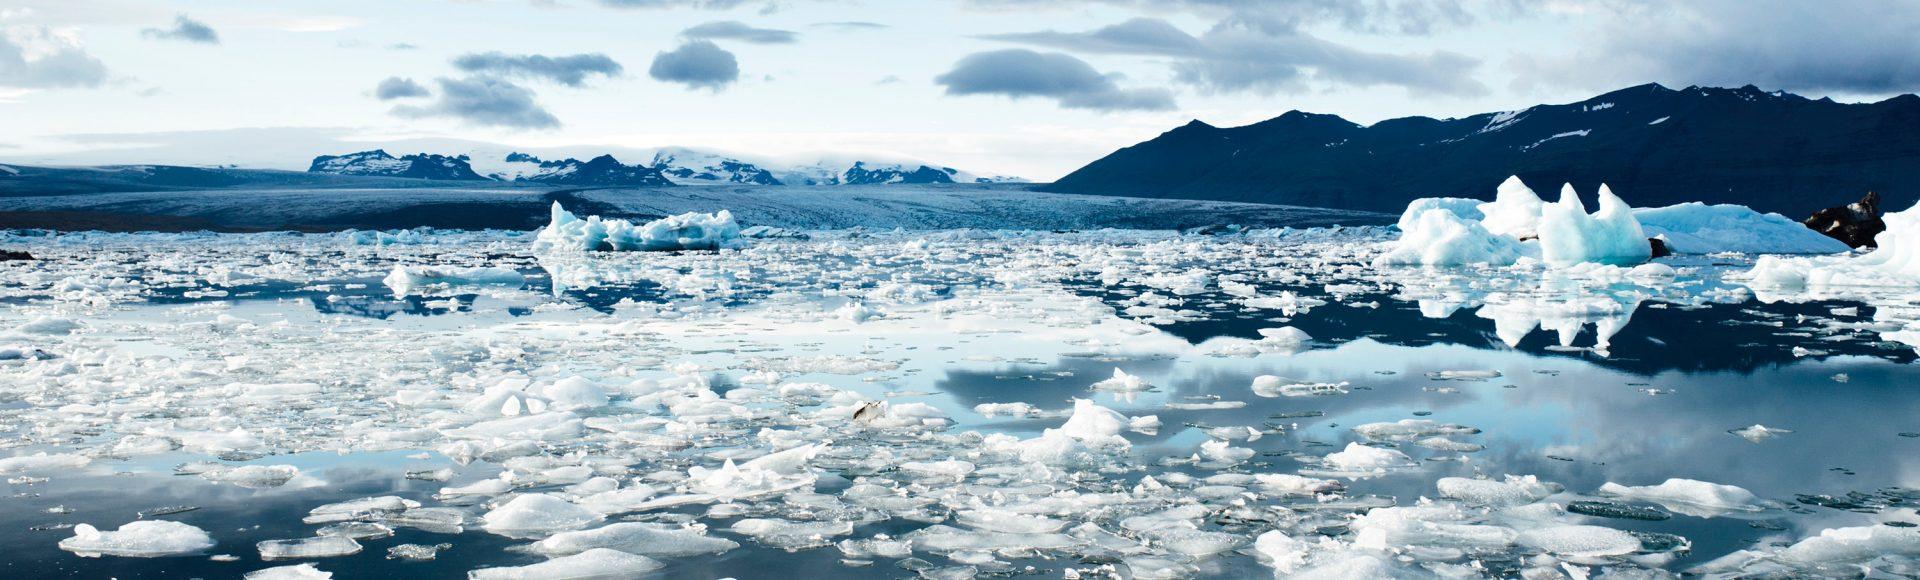 Klimaatakkoord, nu of nooit! #klimaatakkoord